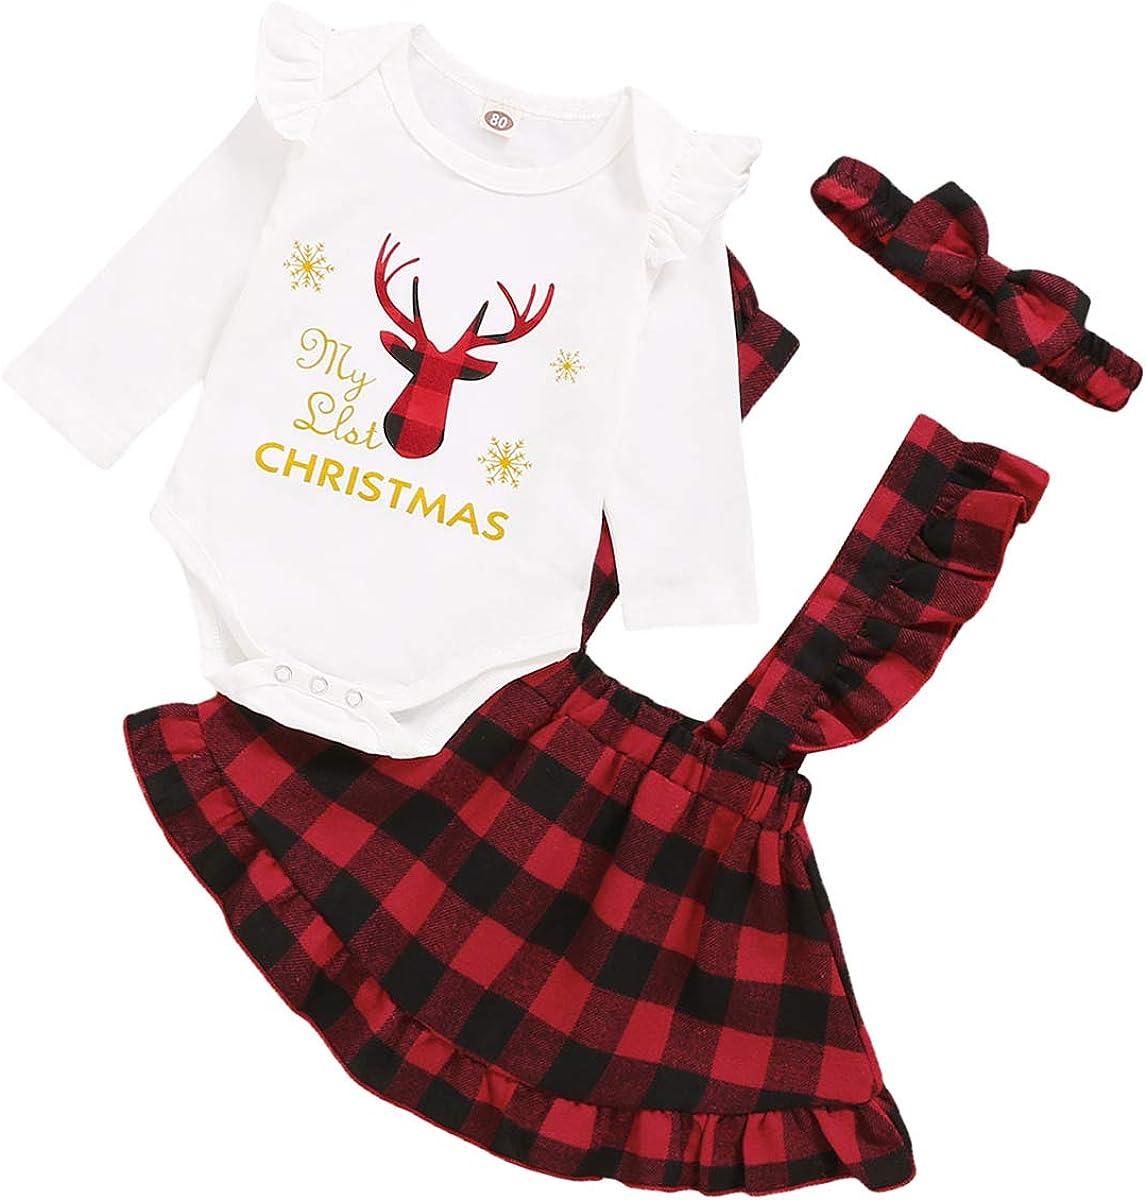 Fascia per 0-18 M Ragazze Borlai Set di Vestiti da Natale per Neonate 3 Pezzi Pagliaccetto con Volant Gonna Scozzese con Bretelle